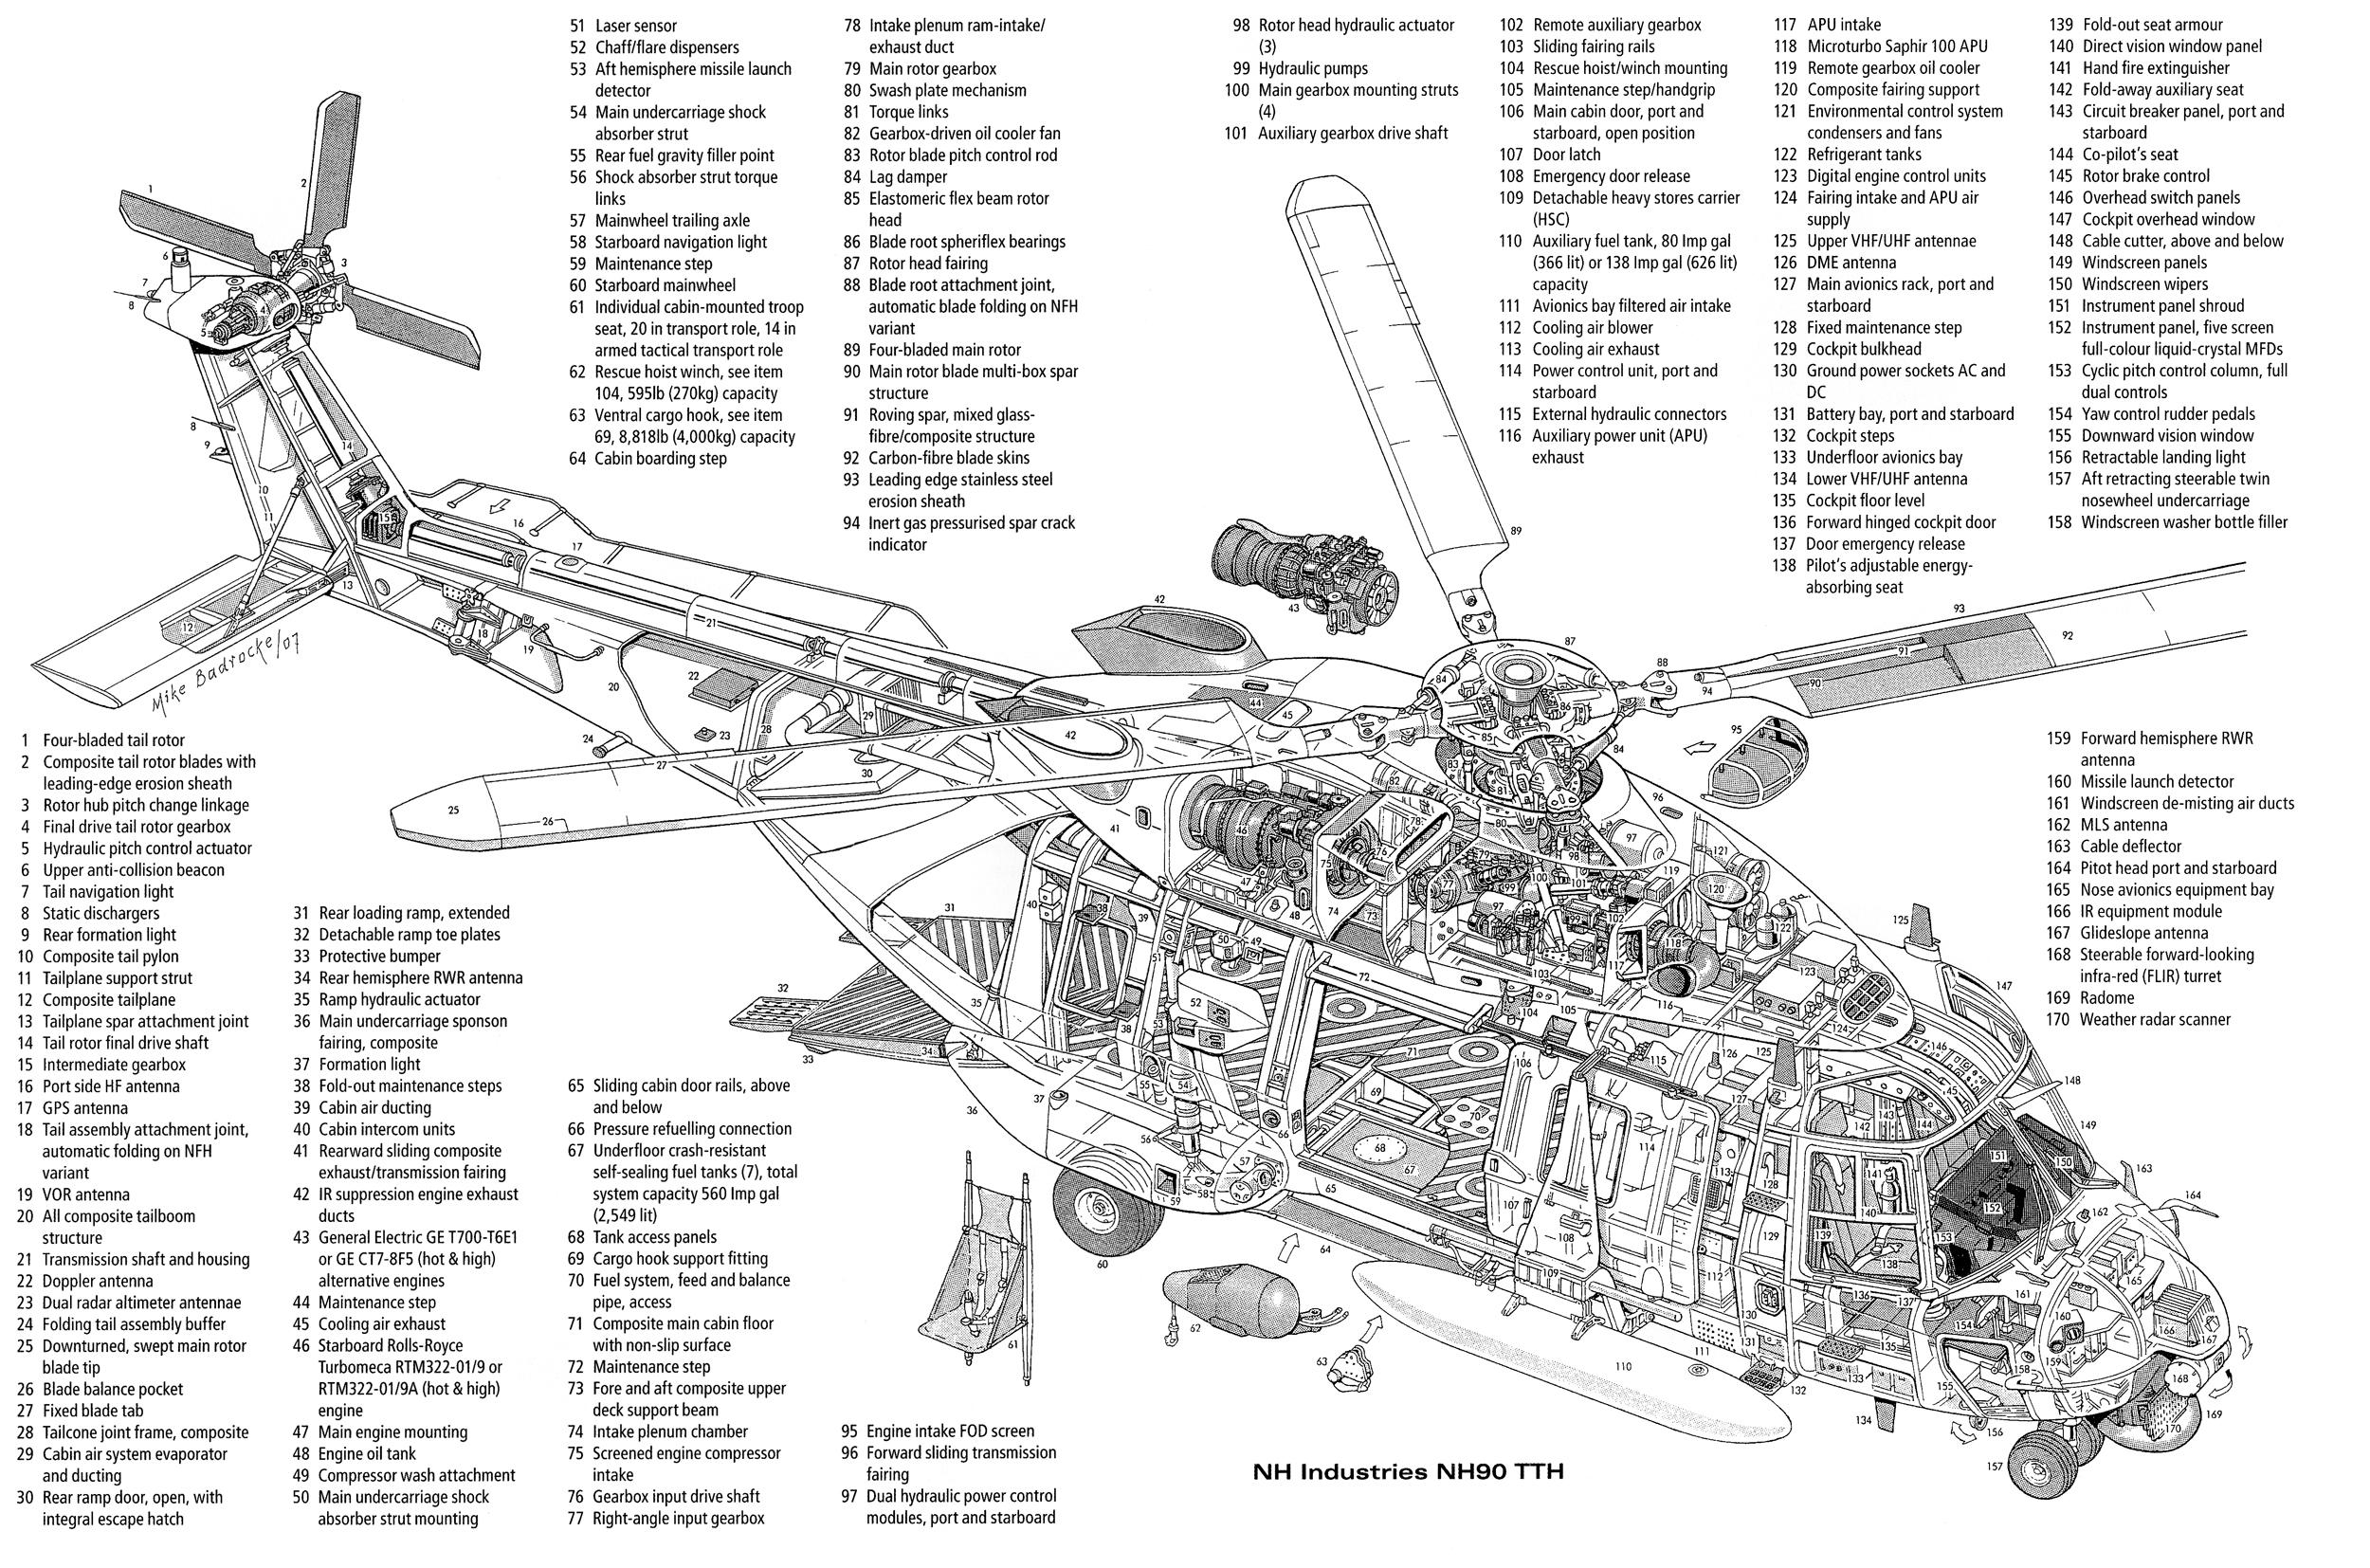 Cutaway Pesawat Amp Helikopter Kaskus